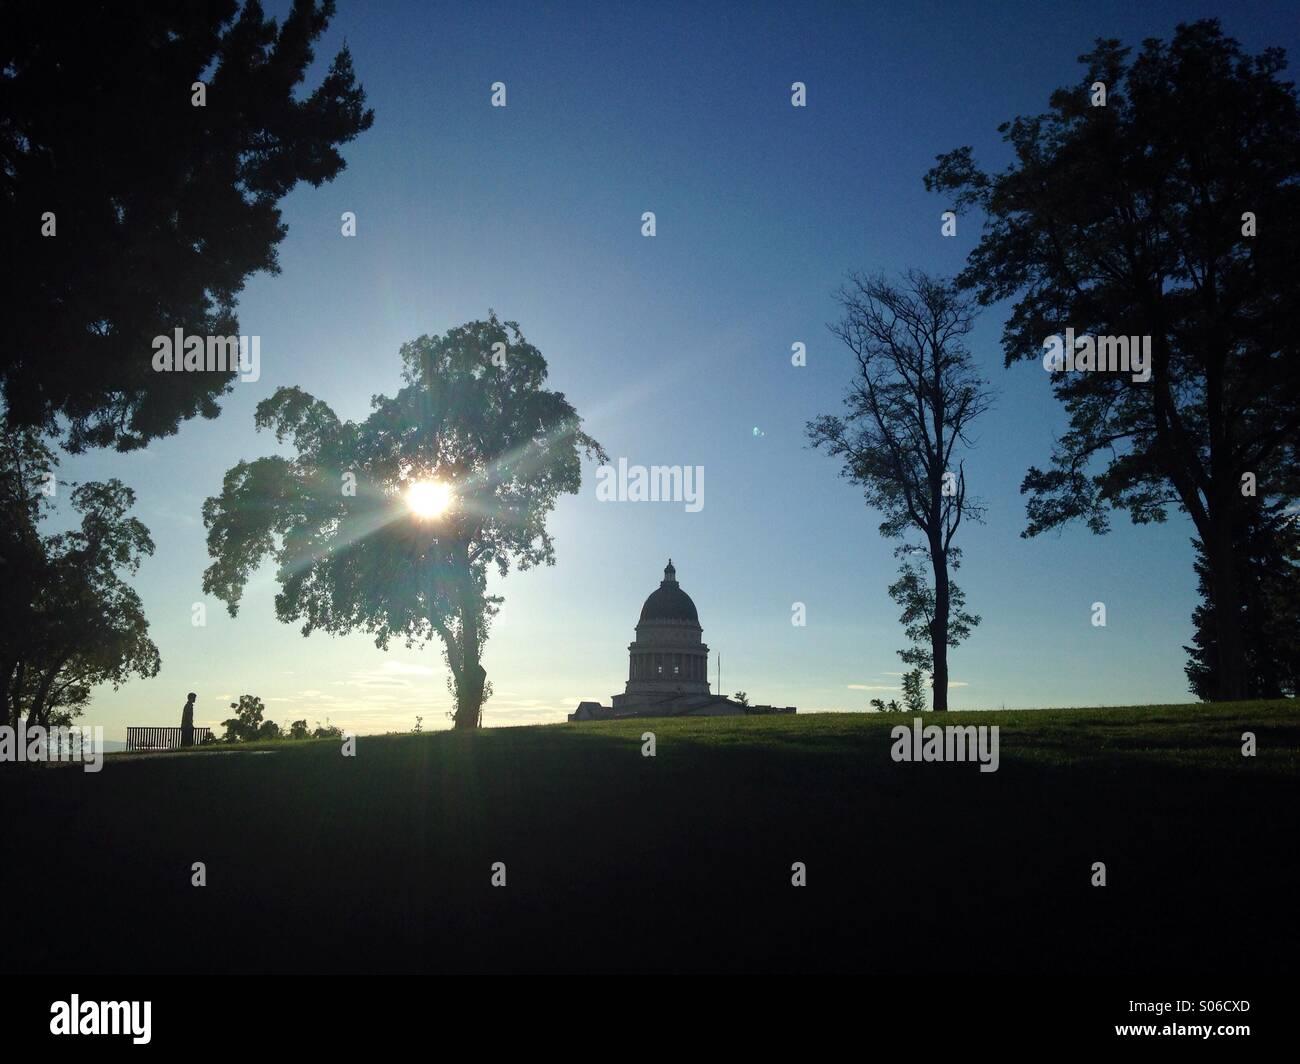 Die Sonne wird durch Bäume in einem Park in Salt Lake City gefiltert, die mit Blick auf das State Capitol Building. Stockbild